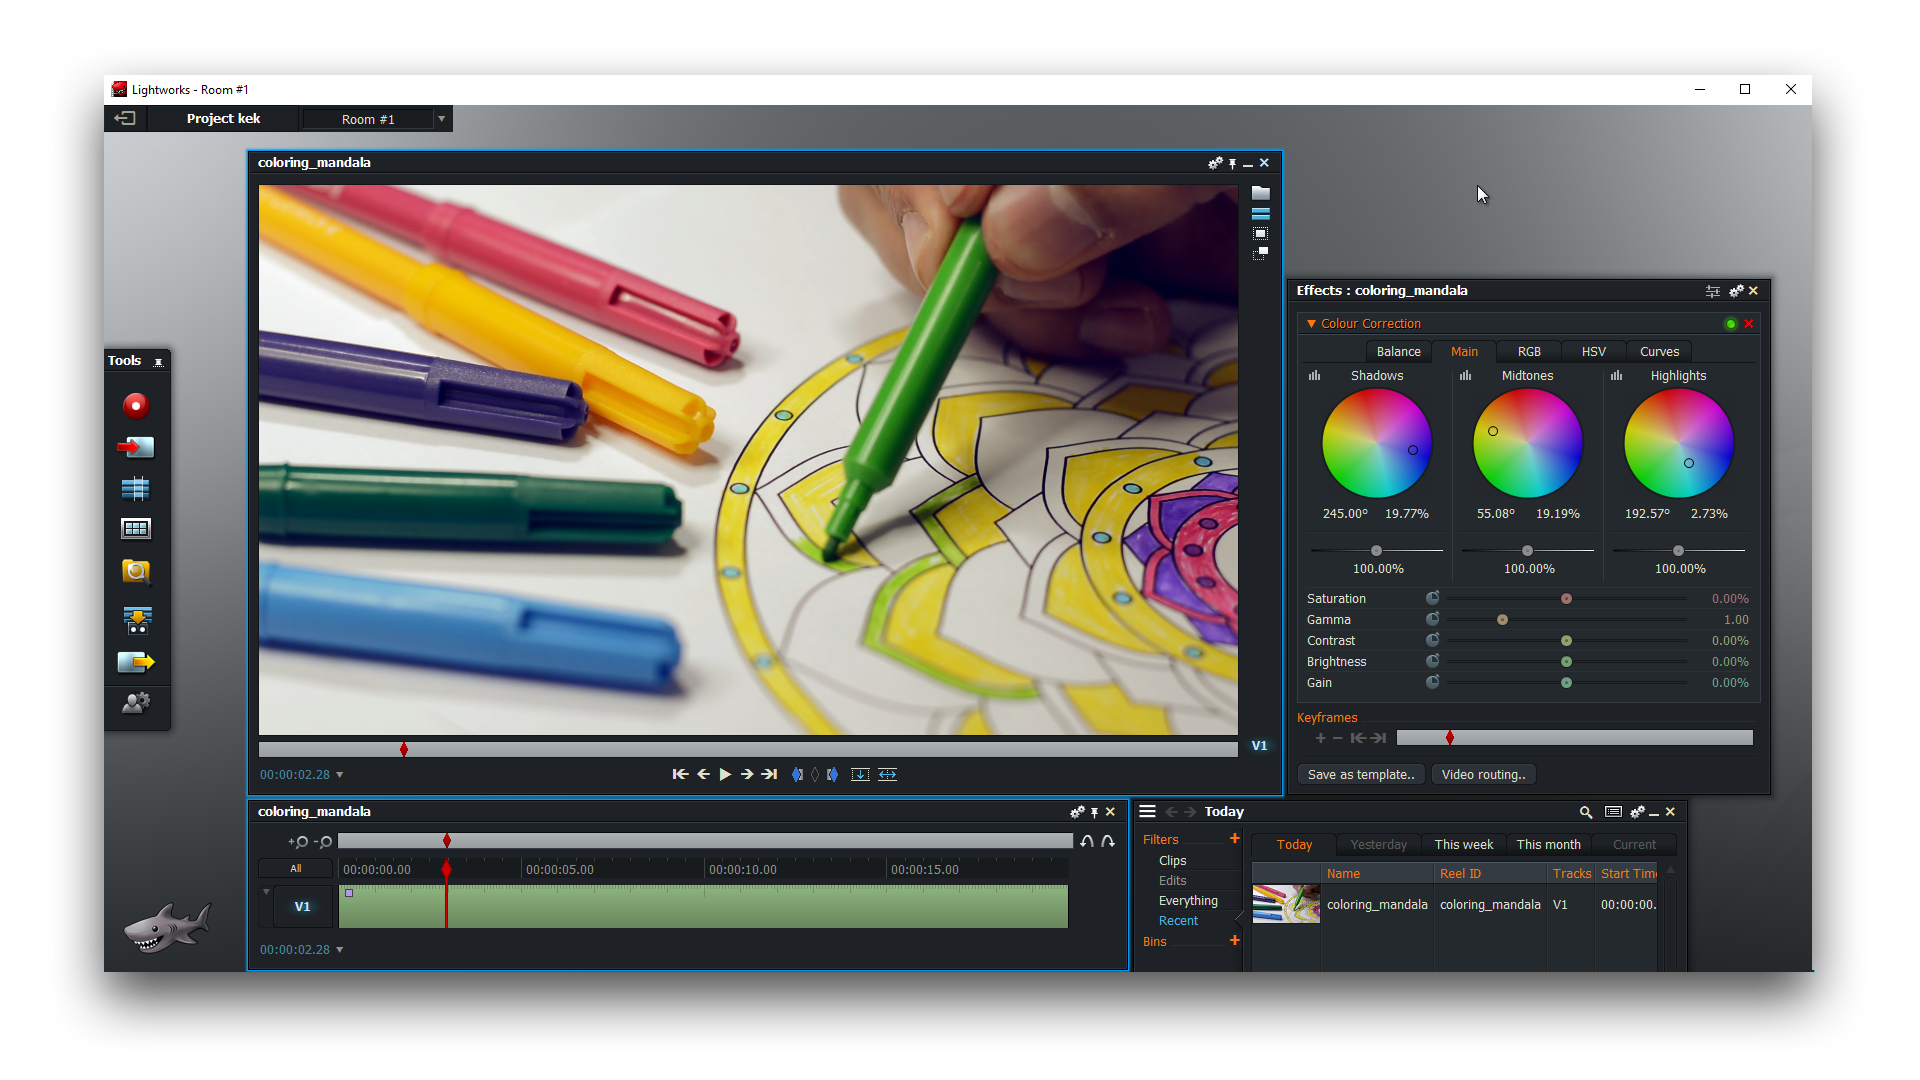 Можно ли заменить Adobe Premiere и Sony Vegas бесплатными видеоредакторами? - 3